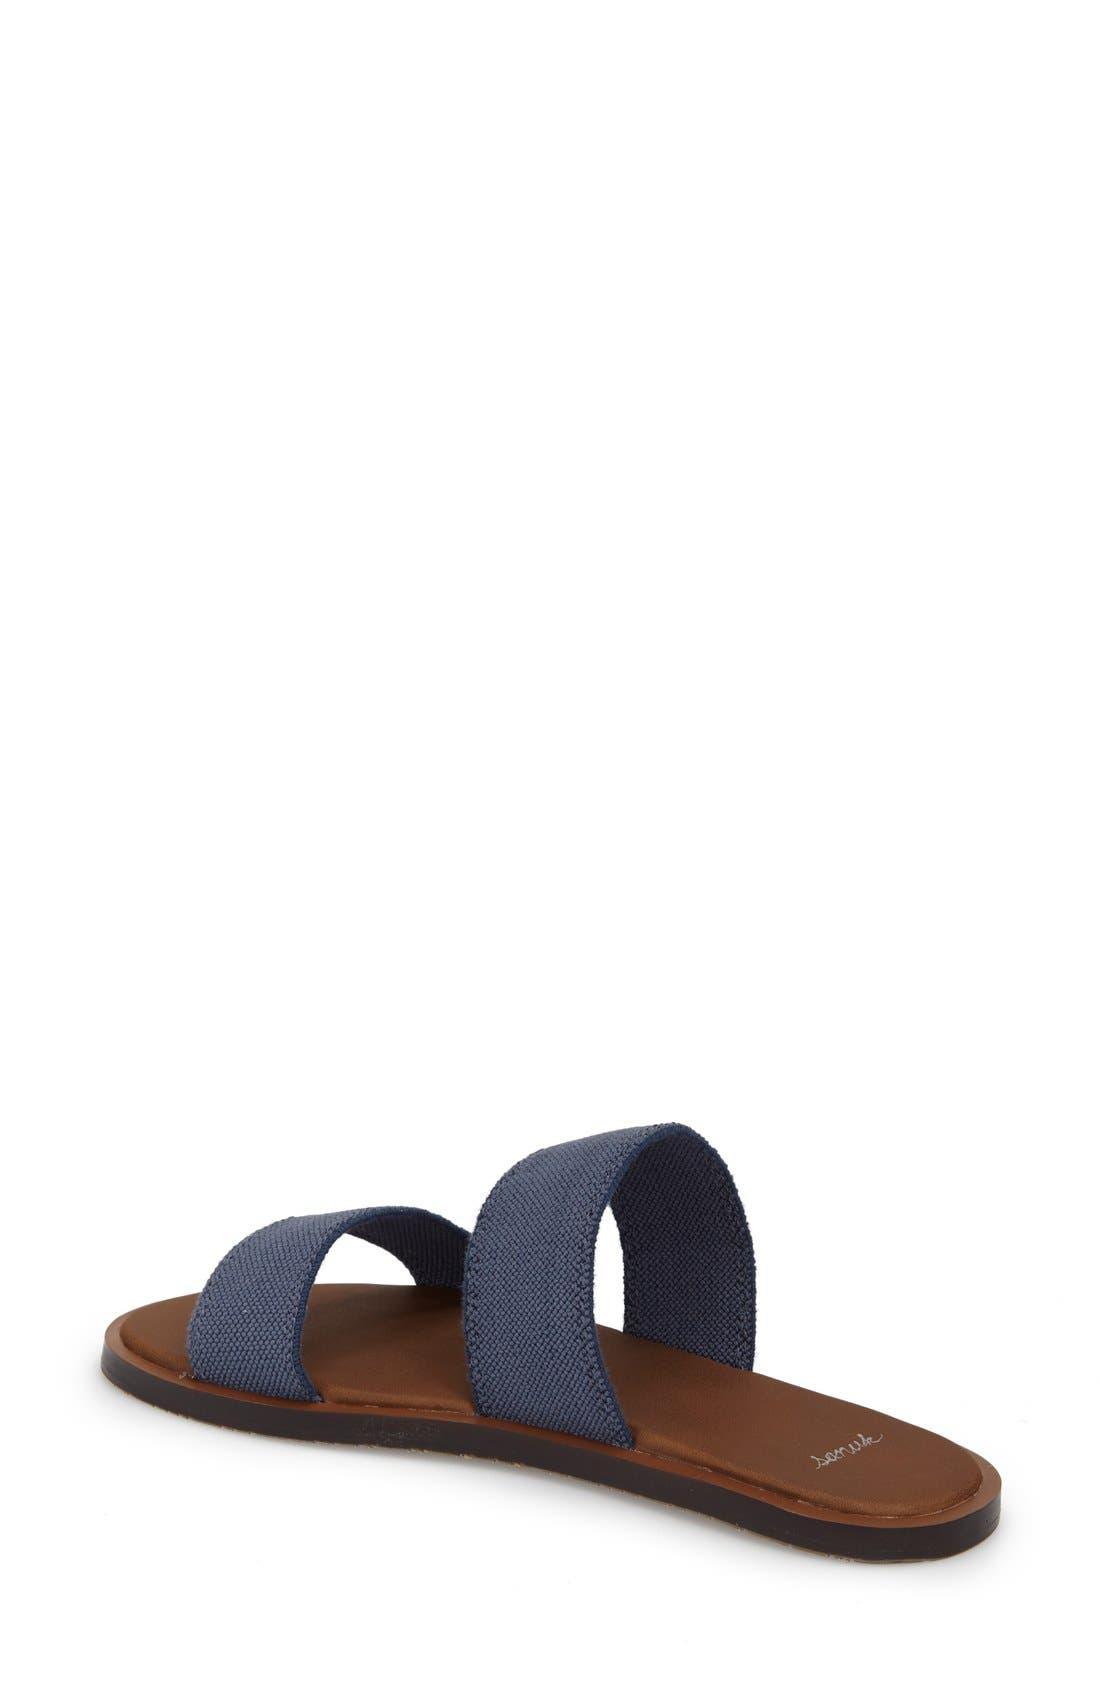 Alternate Image 2  - Sanuk 'Yoga Gora Gora' Slide Sandal (Women)